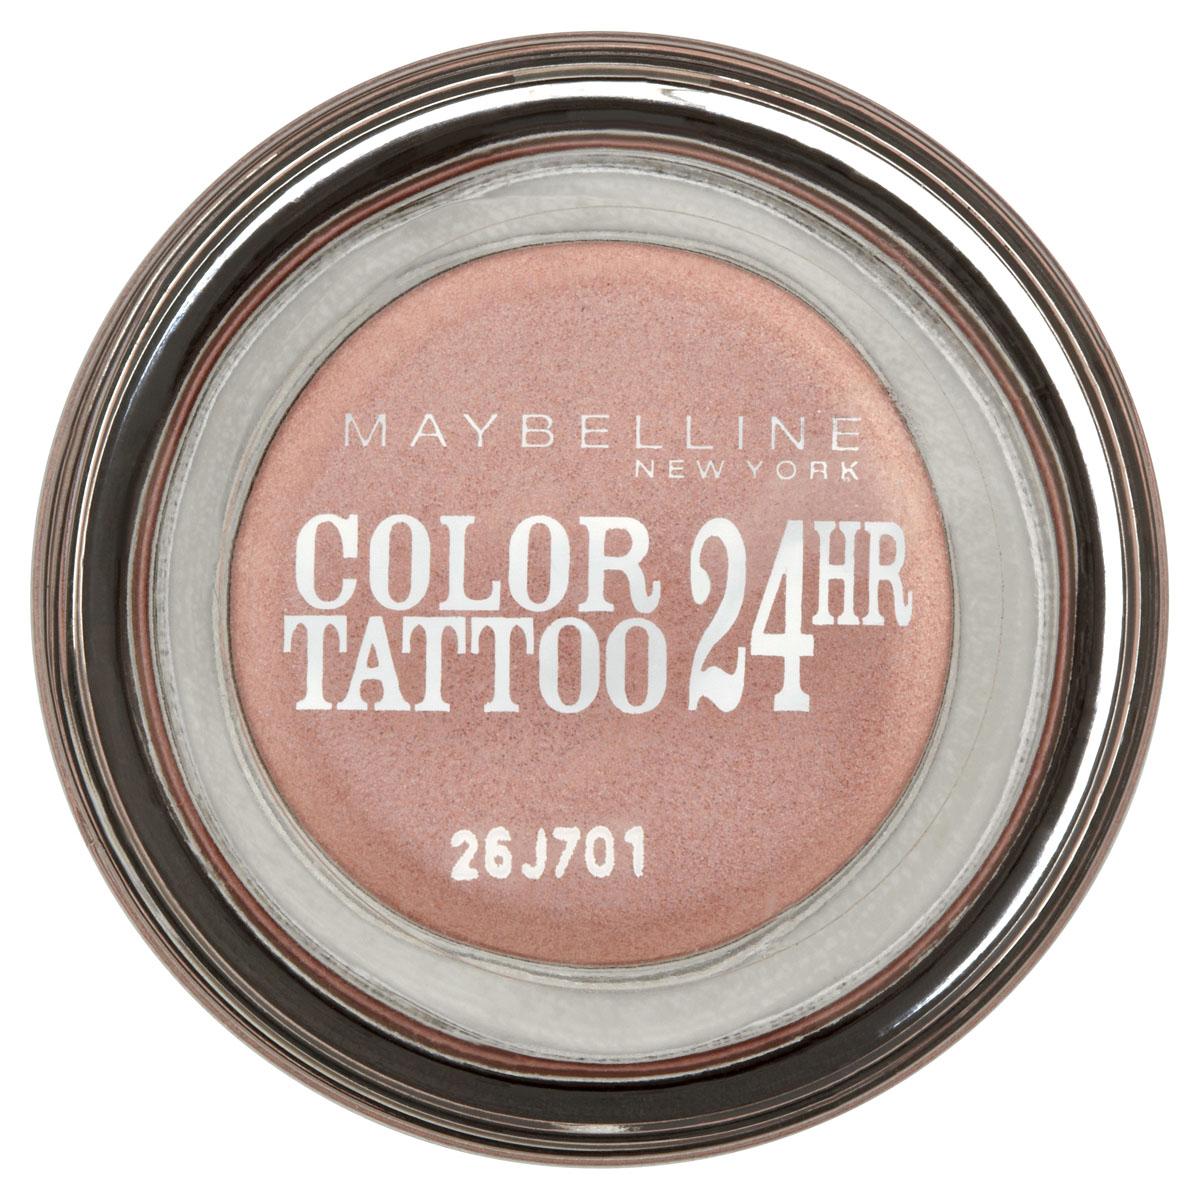 Maybelline New York Тени для век Color Tattoo 24 часа, оттенок 65, Розовое золото, 3,5 млB2074300Технология тату-пигментов создает яркий, супернасыщенный цвет. Крем-гелевая текстура обеспечивает ультралегкое нанесение и стойкость на 24 часа.12 оттенков